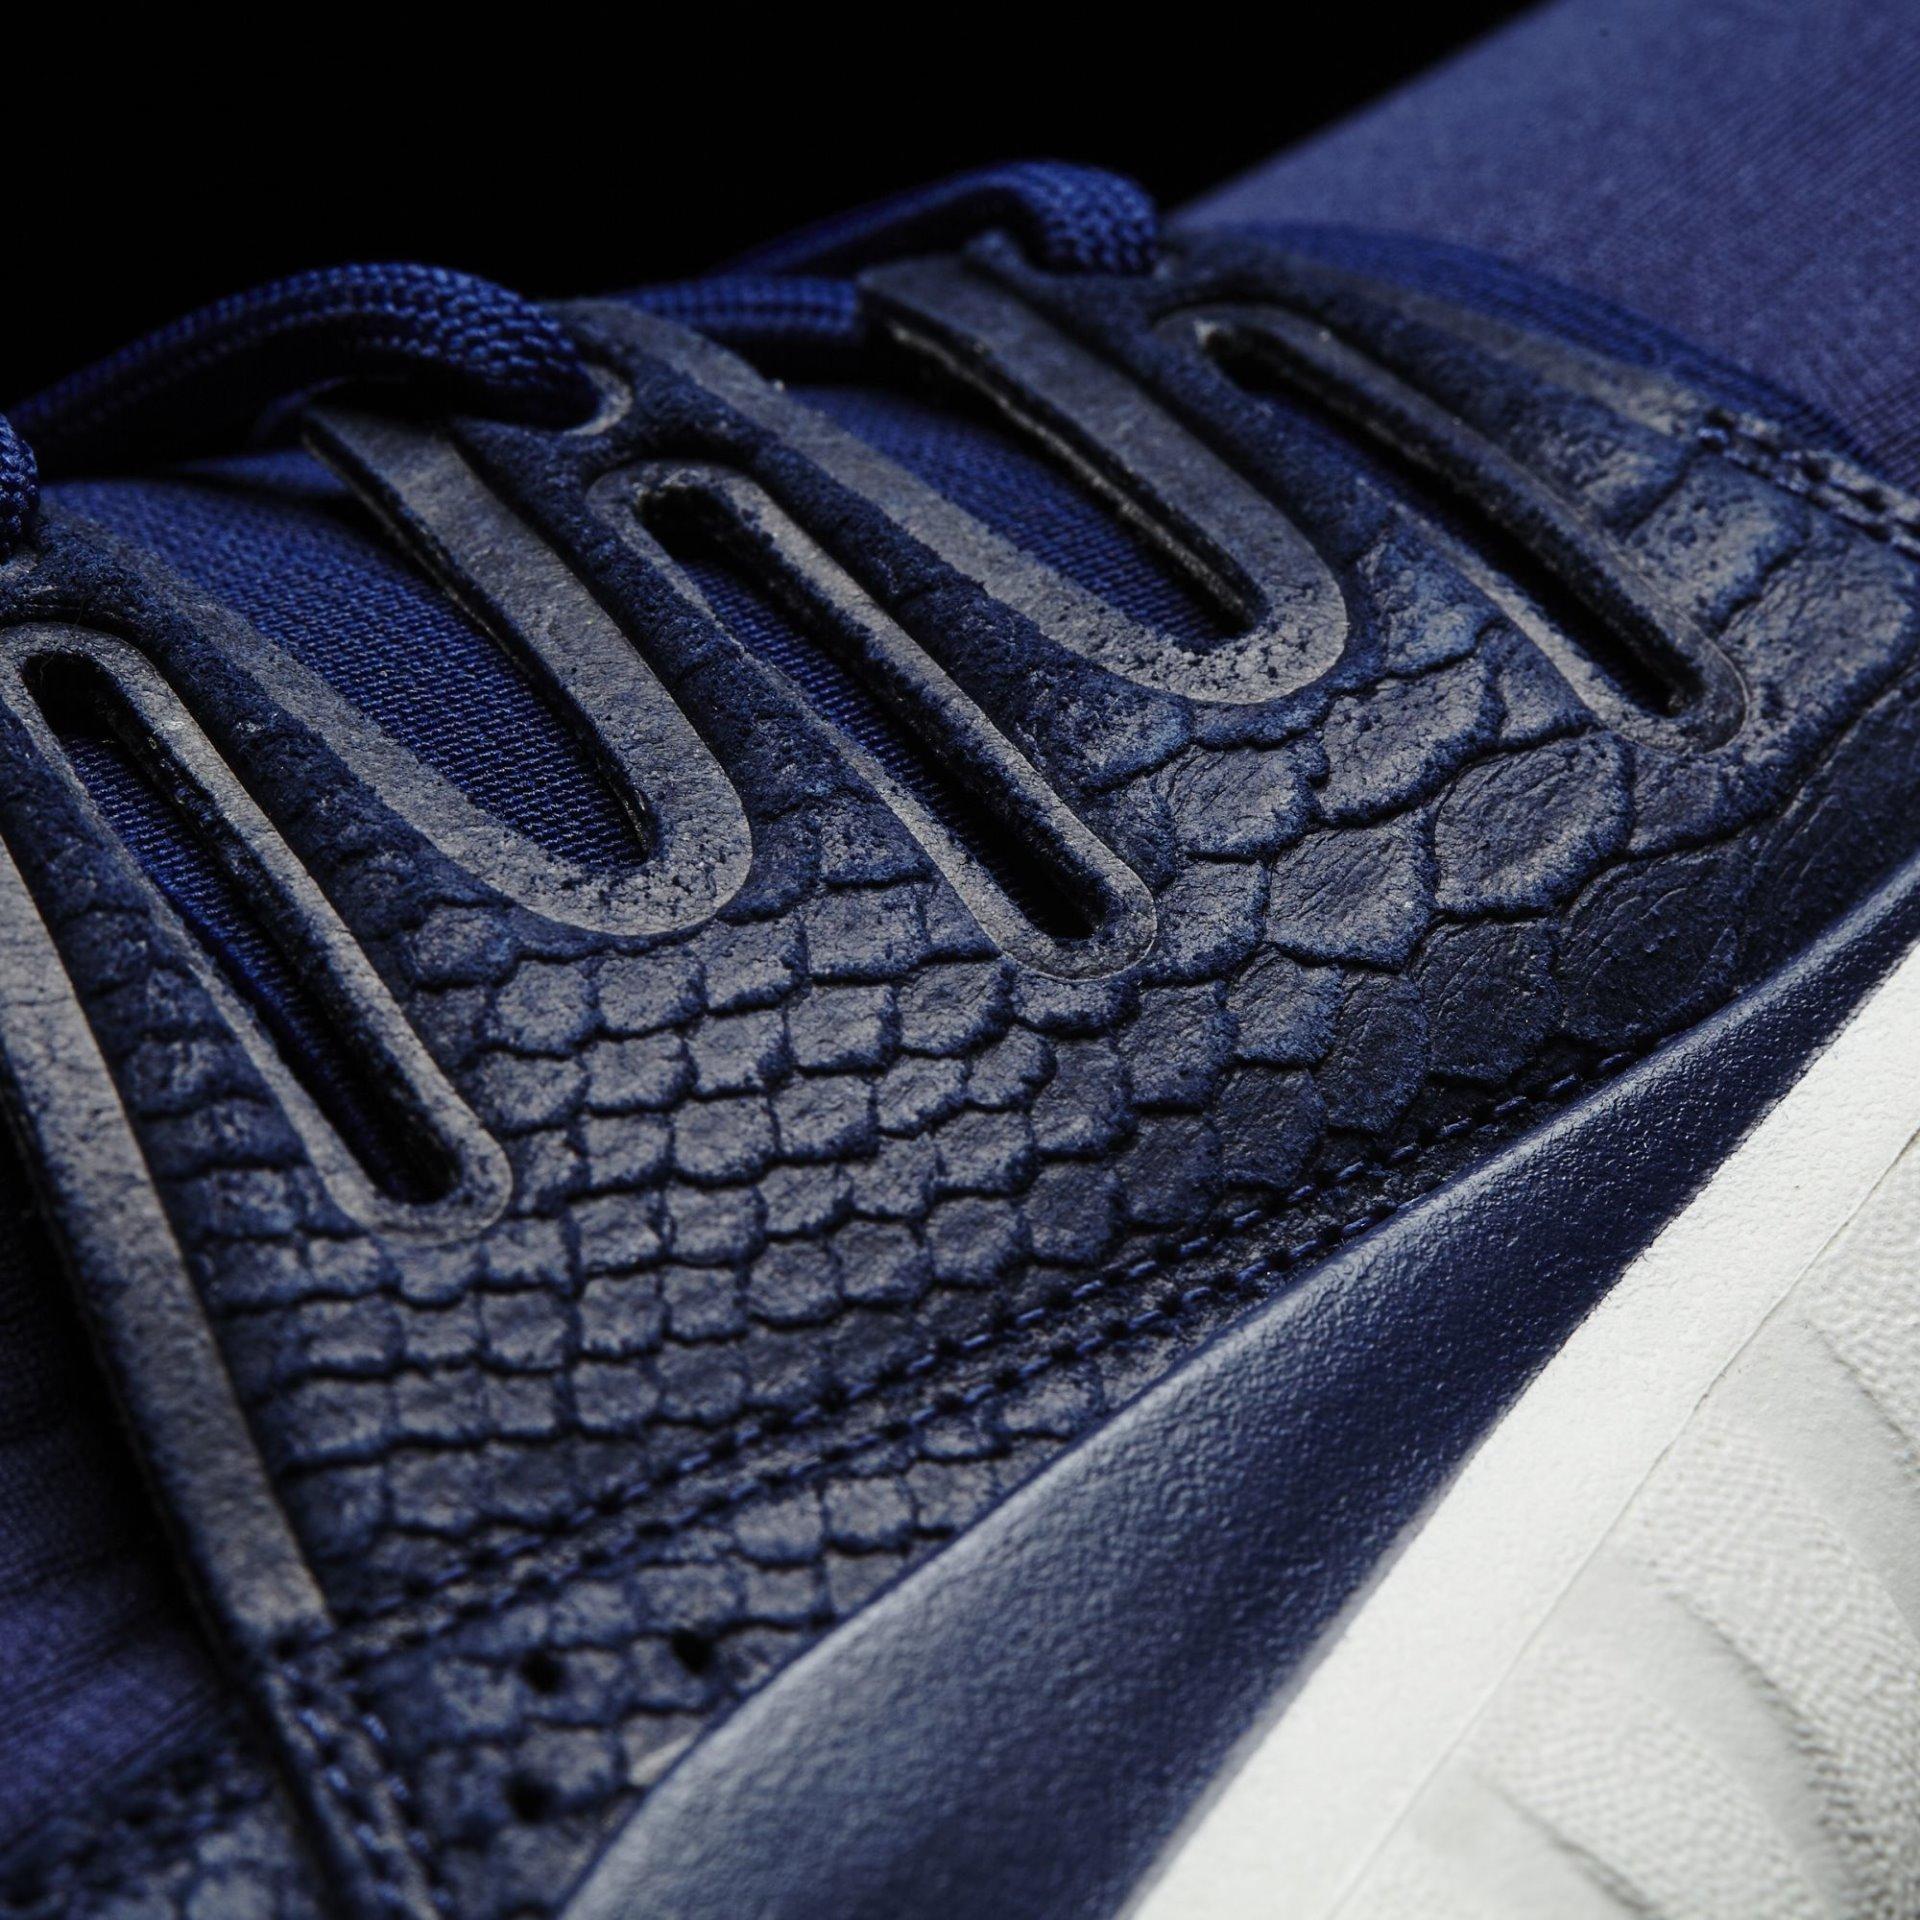 Adidas Sepatu Tubular Radial - S76716 .